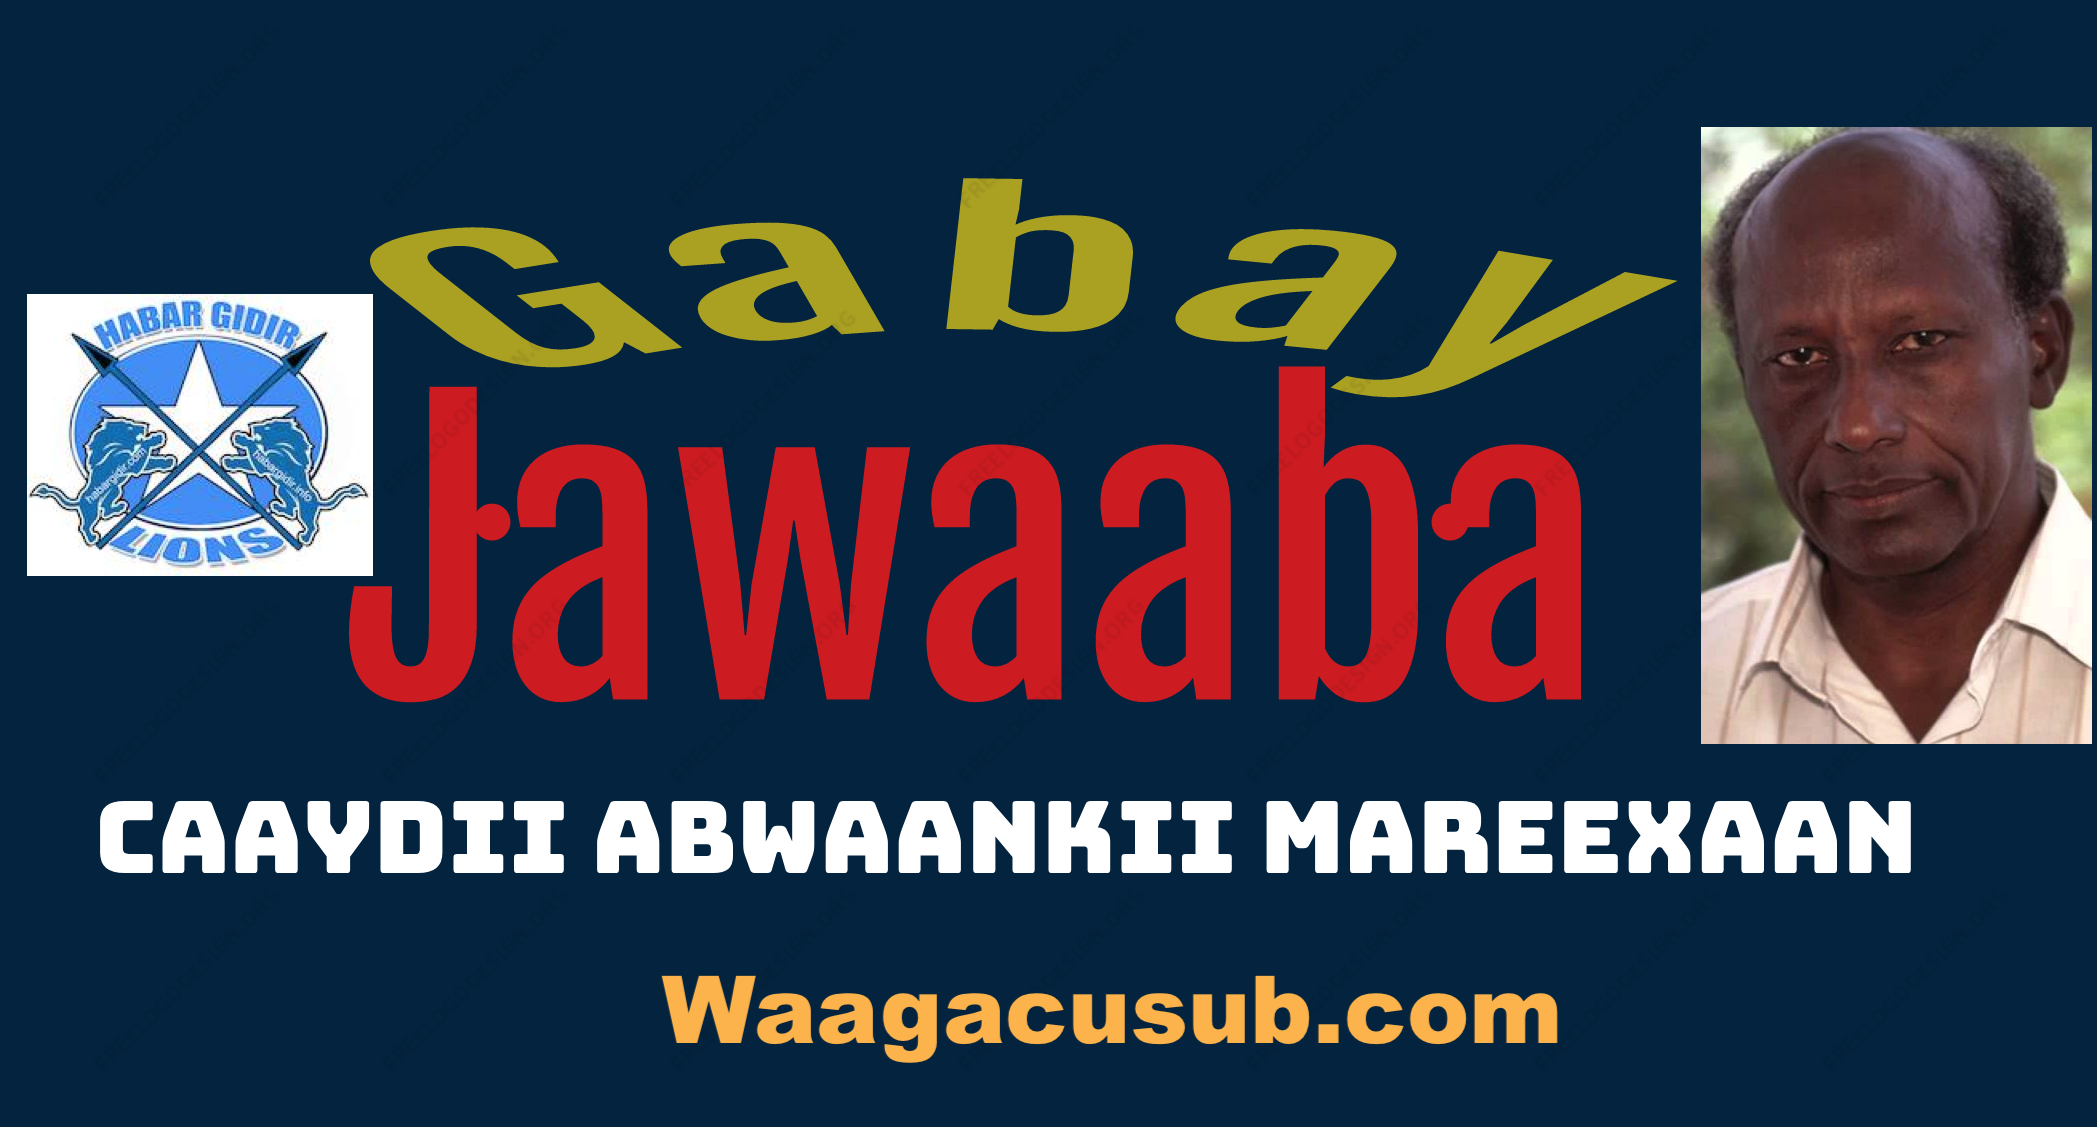 [Daawo] Abwaan Habargidira oo si kulul uga jawaabay gabaygii caayda Abwaanka Mareexaan